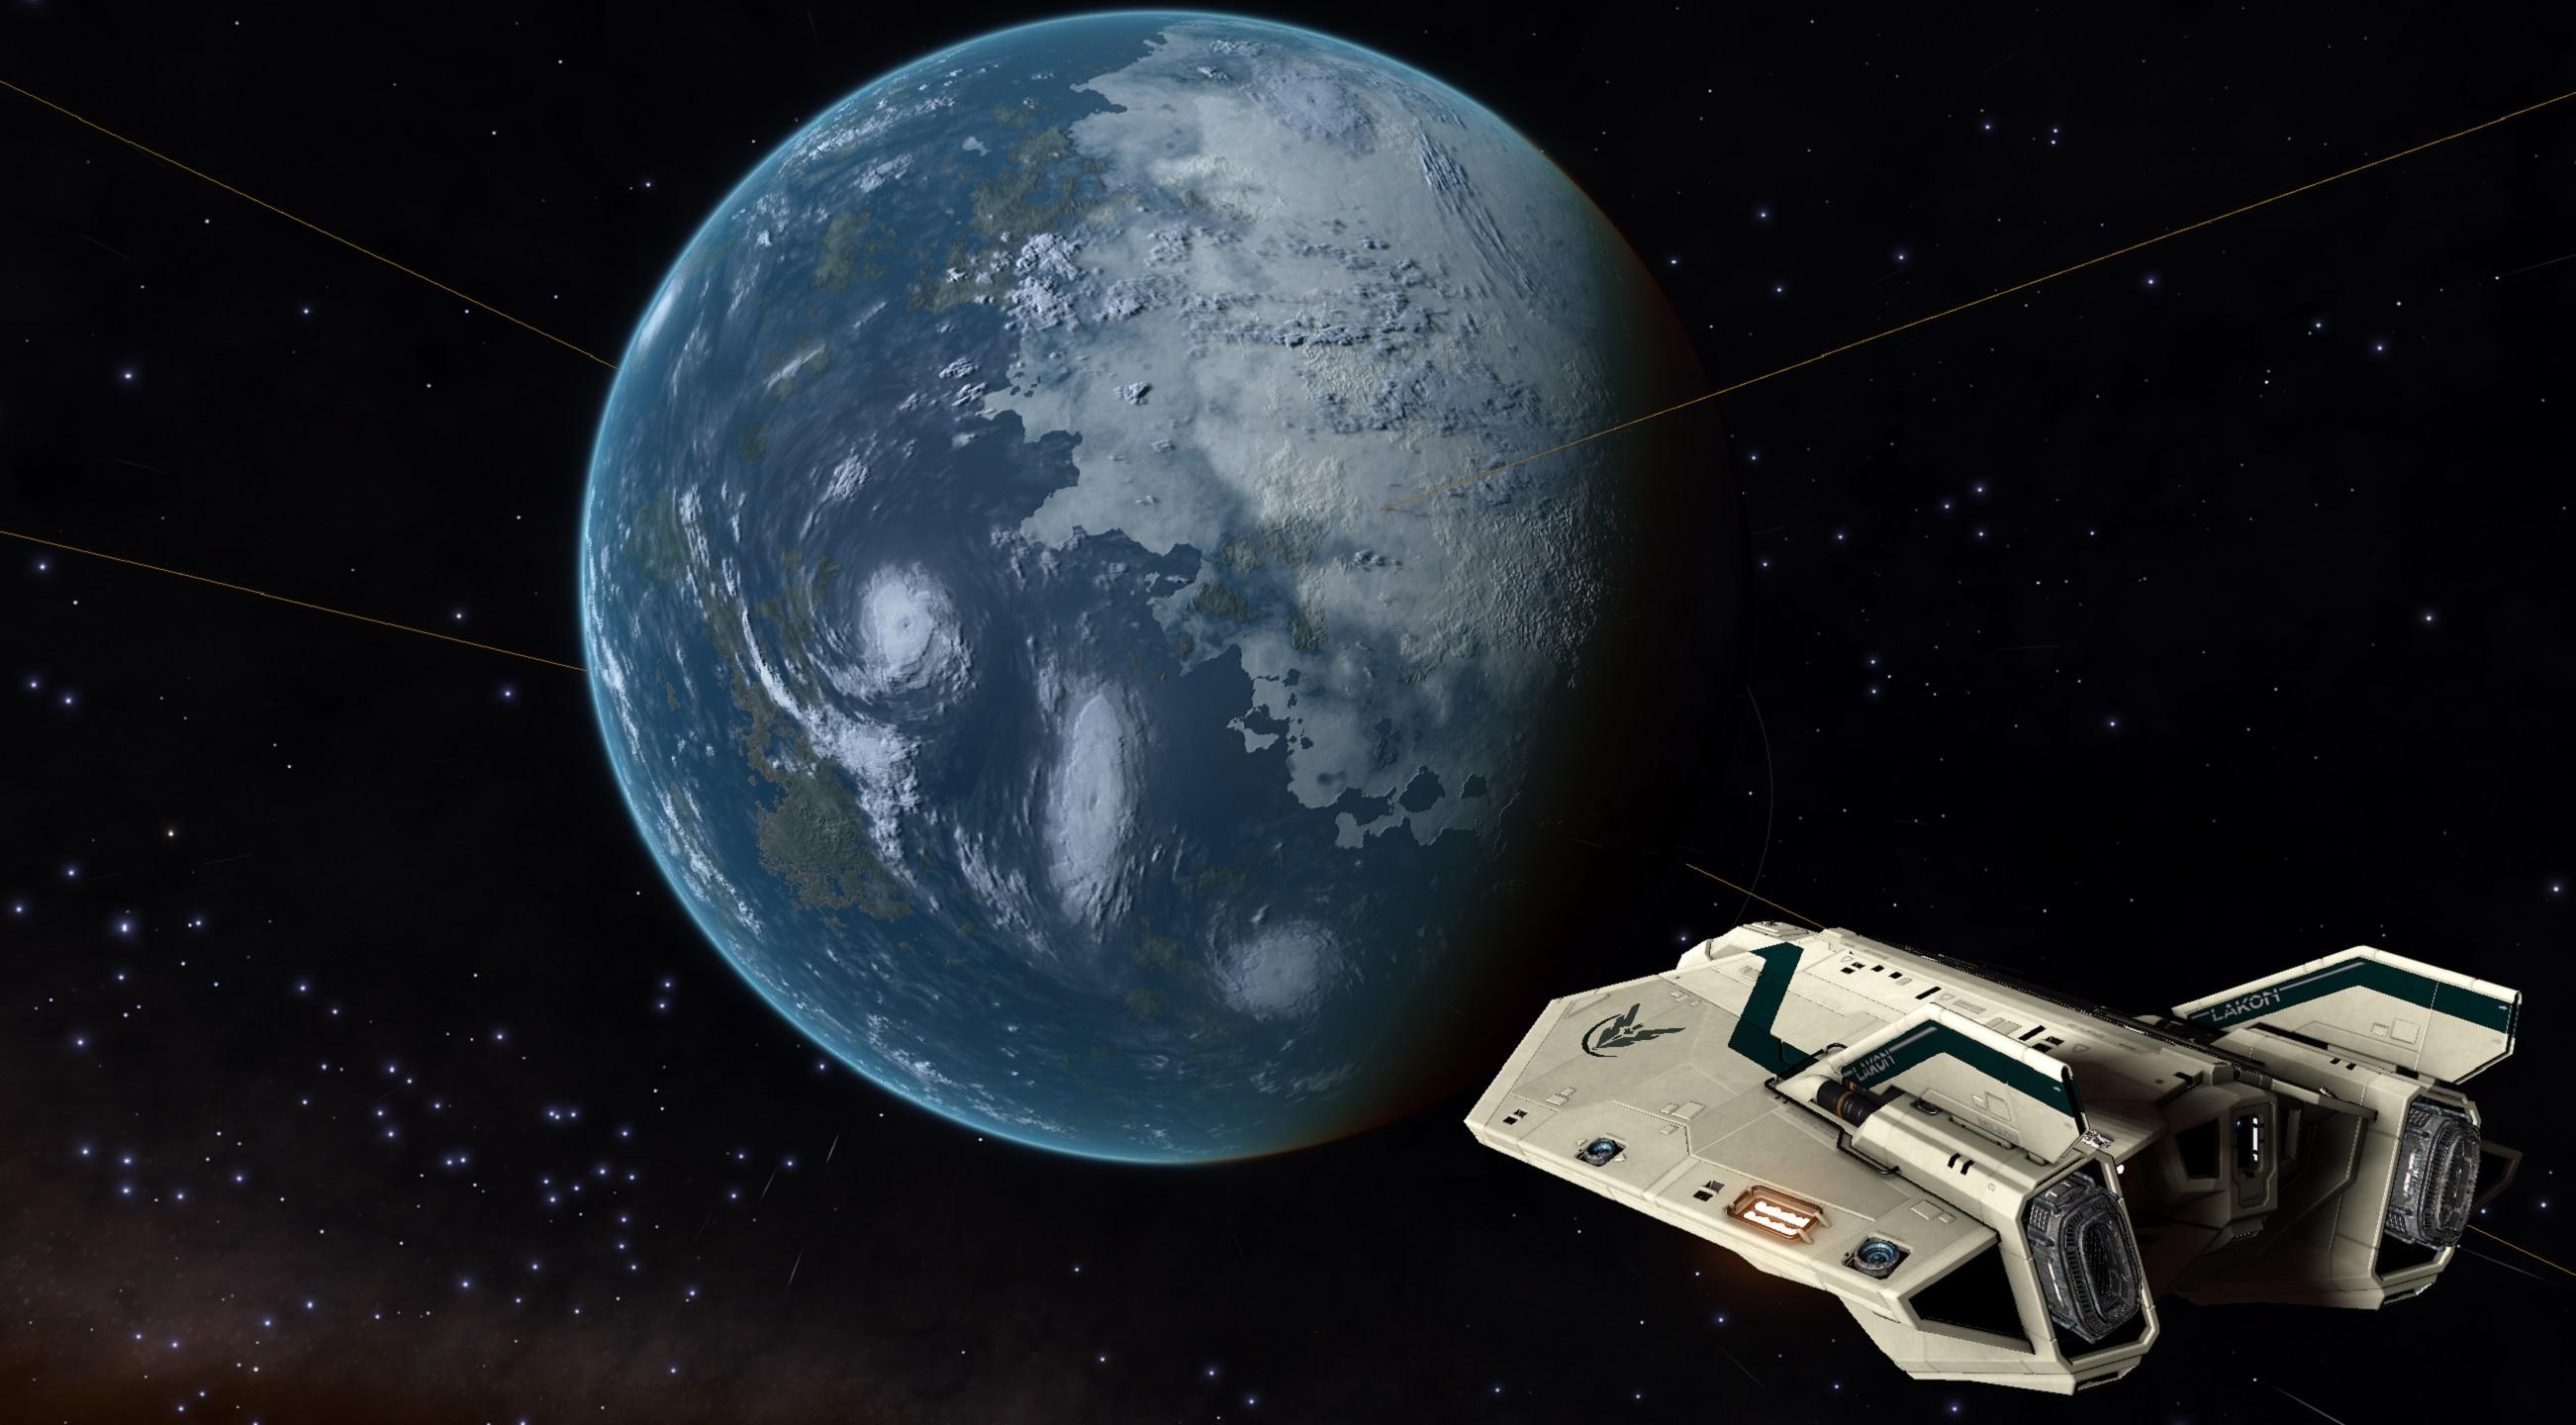 ein erdähnlicher Planet